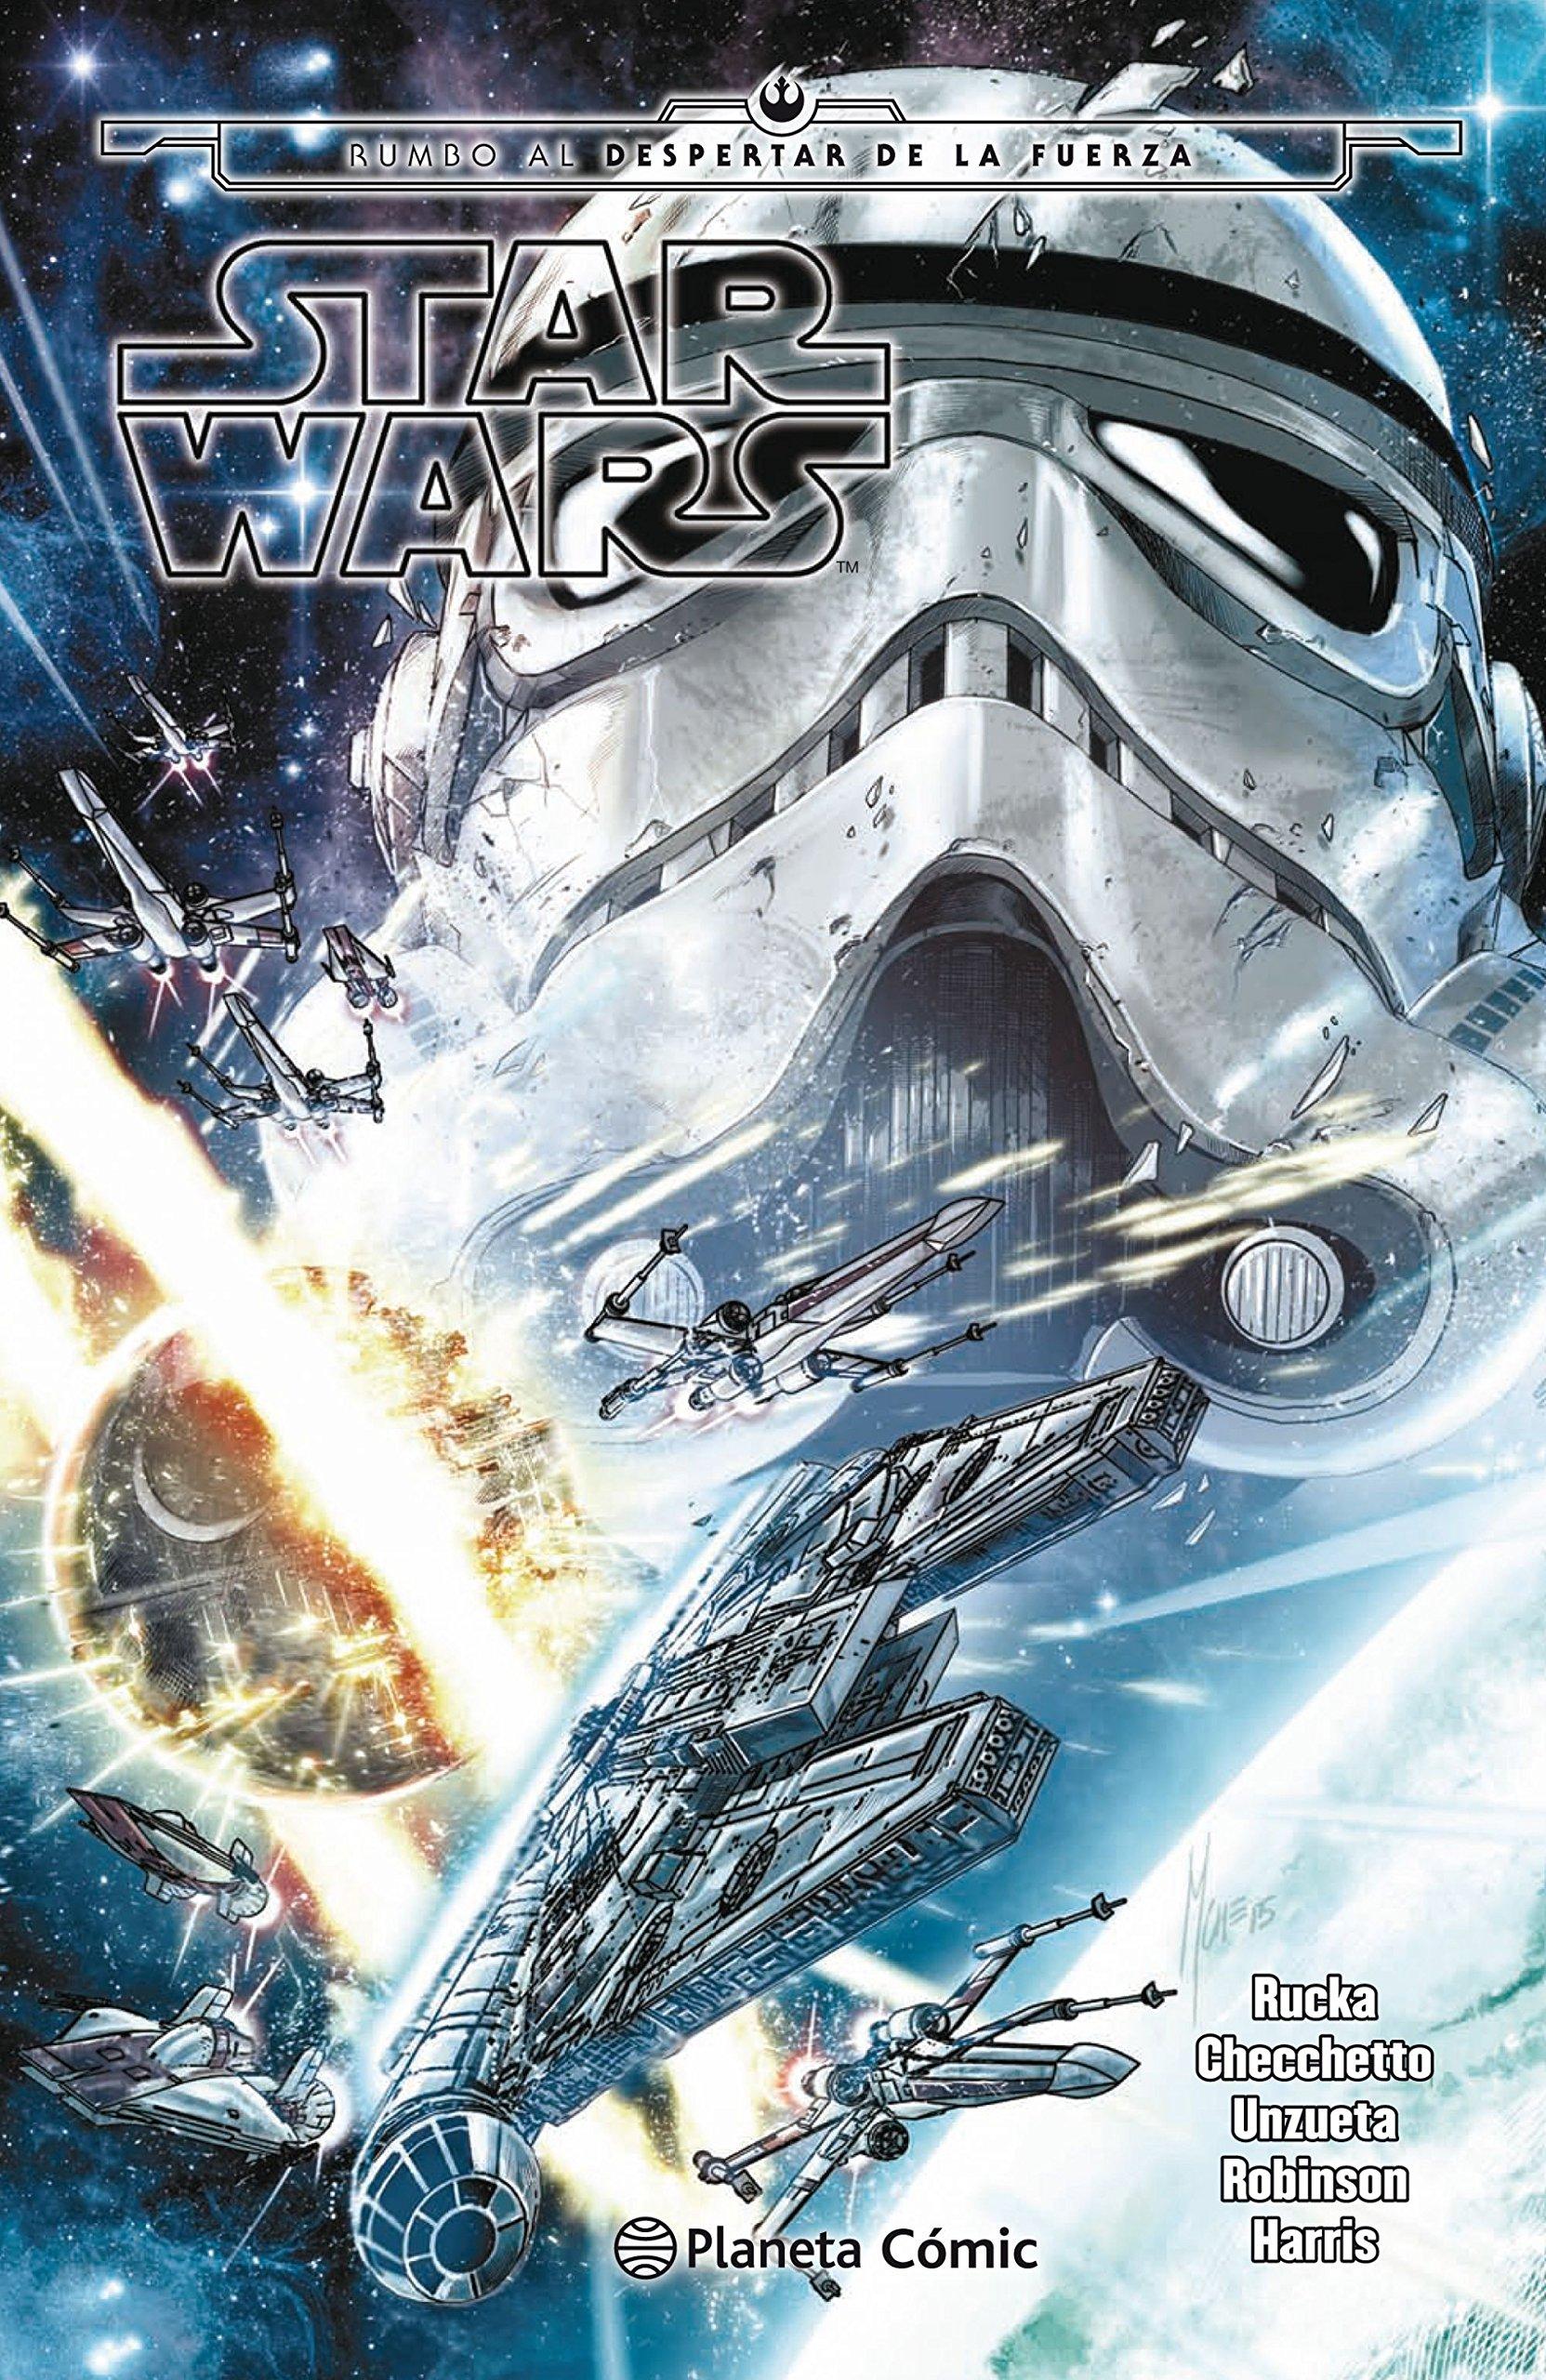 Star Wars Rumbo al despertar de la fuerza (tomo recopilatorio) (Star Wars: Recopilatorios Marvel) Tapa dura – 27 abr 2017 AA. VV. Planeta DeAgostini Cómics 8416693293 Graphic novels